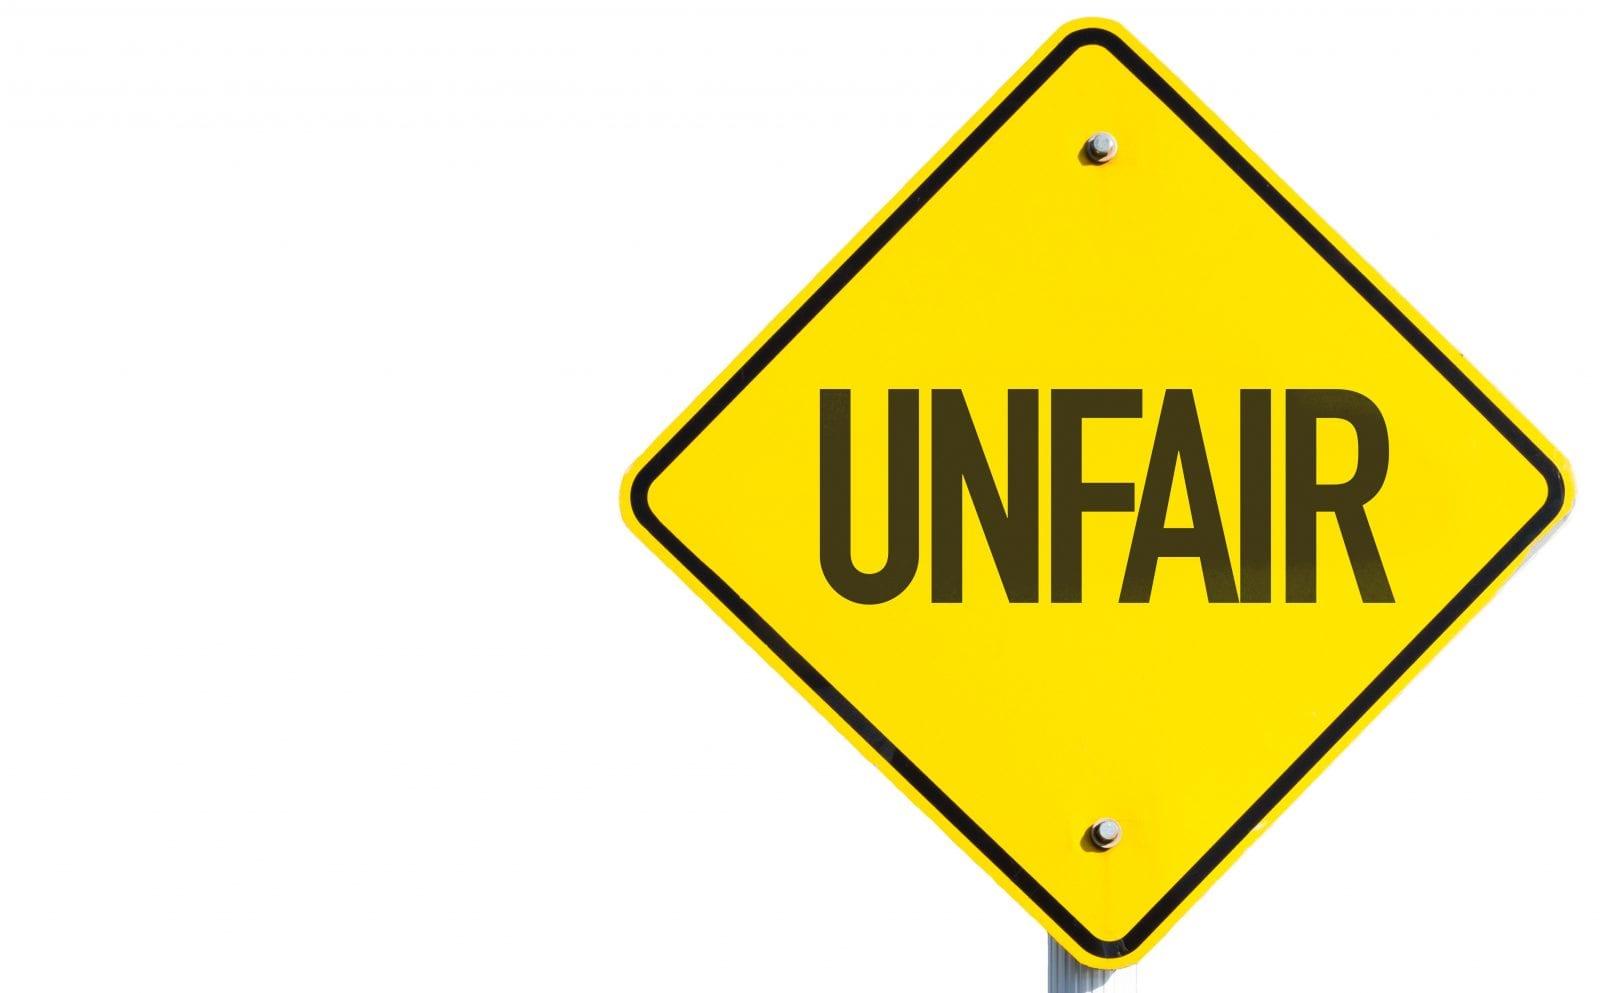 Unfair road sign